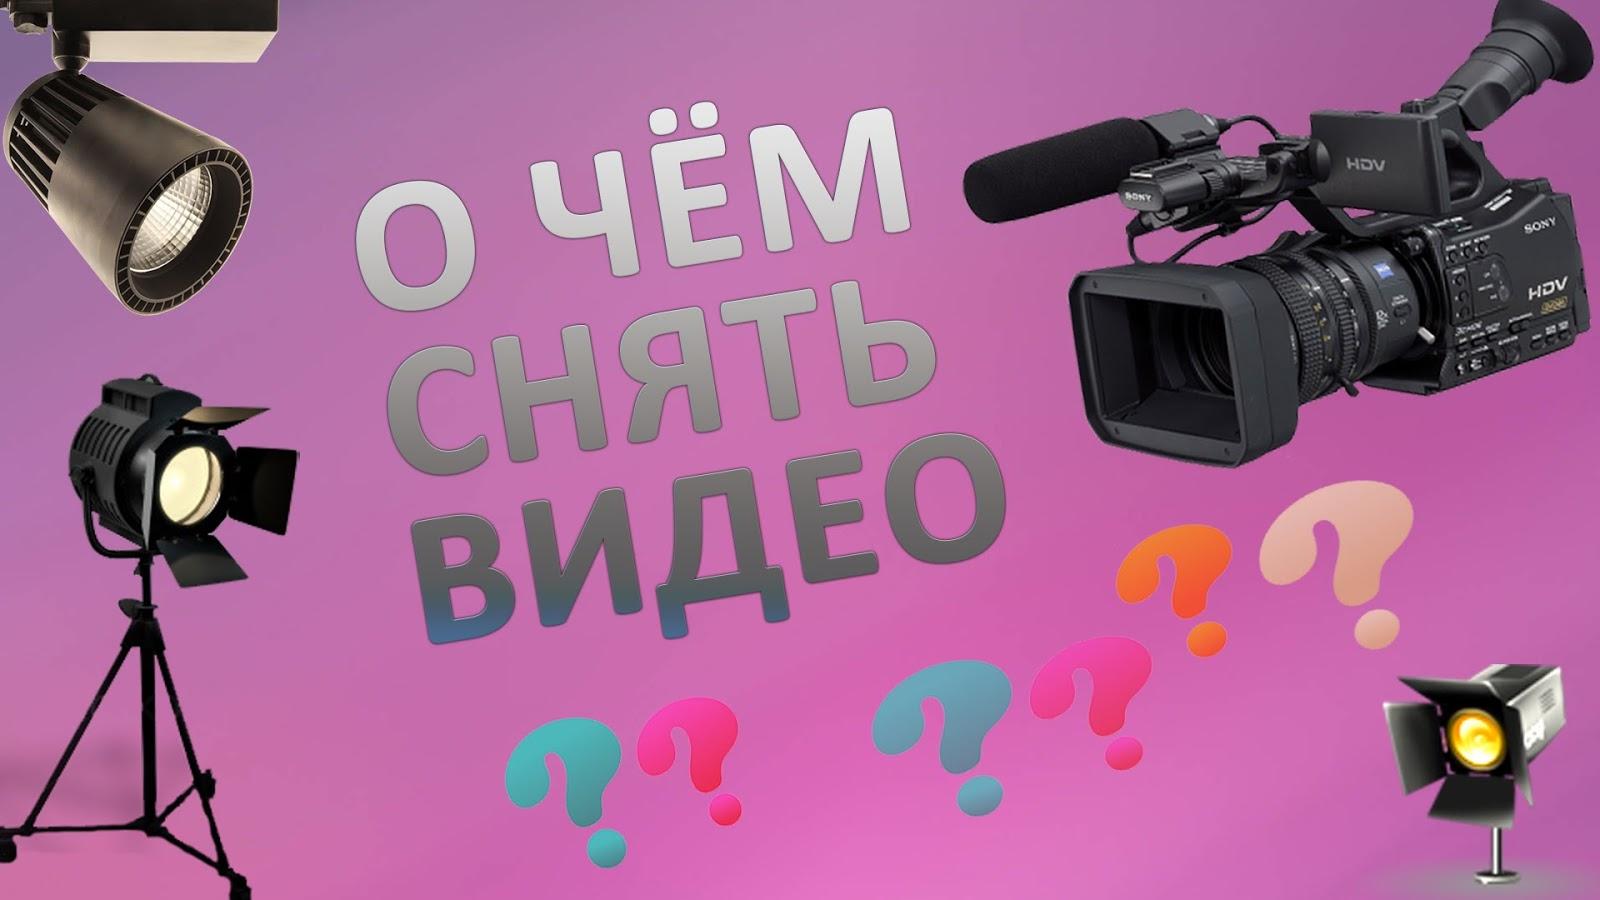 https://1.bp.blogspot.com/-ABaqzfksovg/VuwMGjH8qwI/AAAAAAAAA78/xiga1eE9cK8oaLS8z0fqDpQm3i_Ouua6Q/s1600/youtube%2Bvideo.jpg